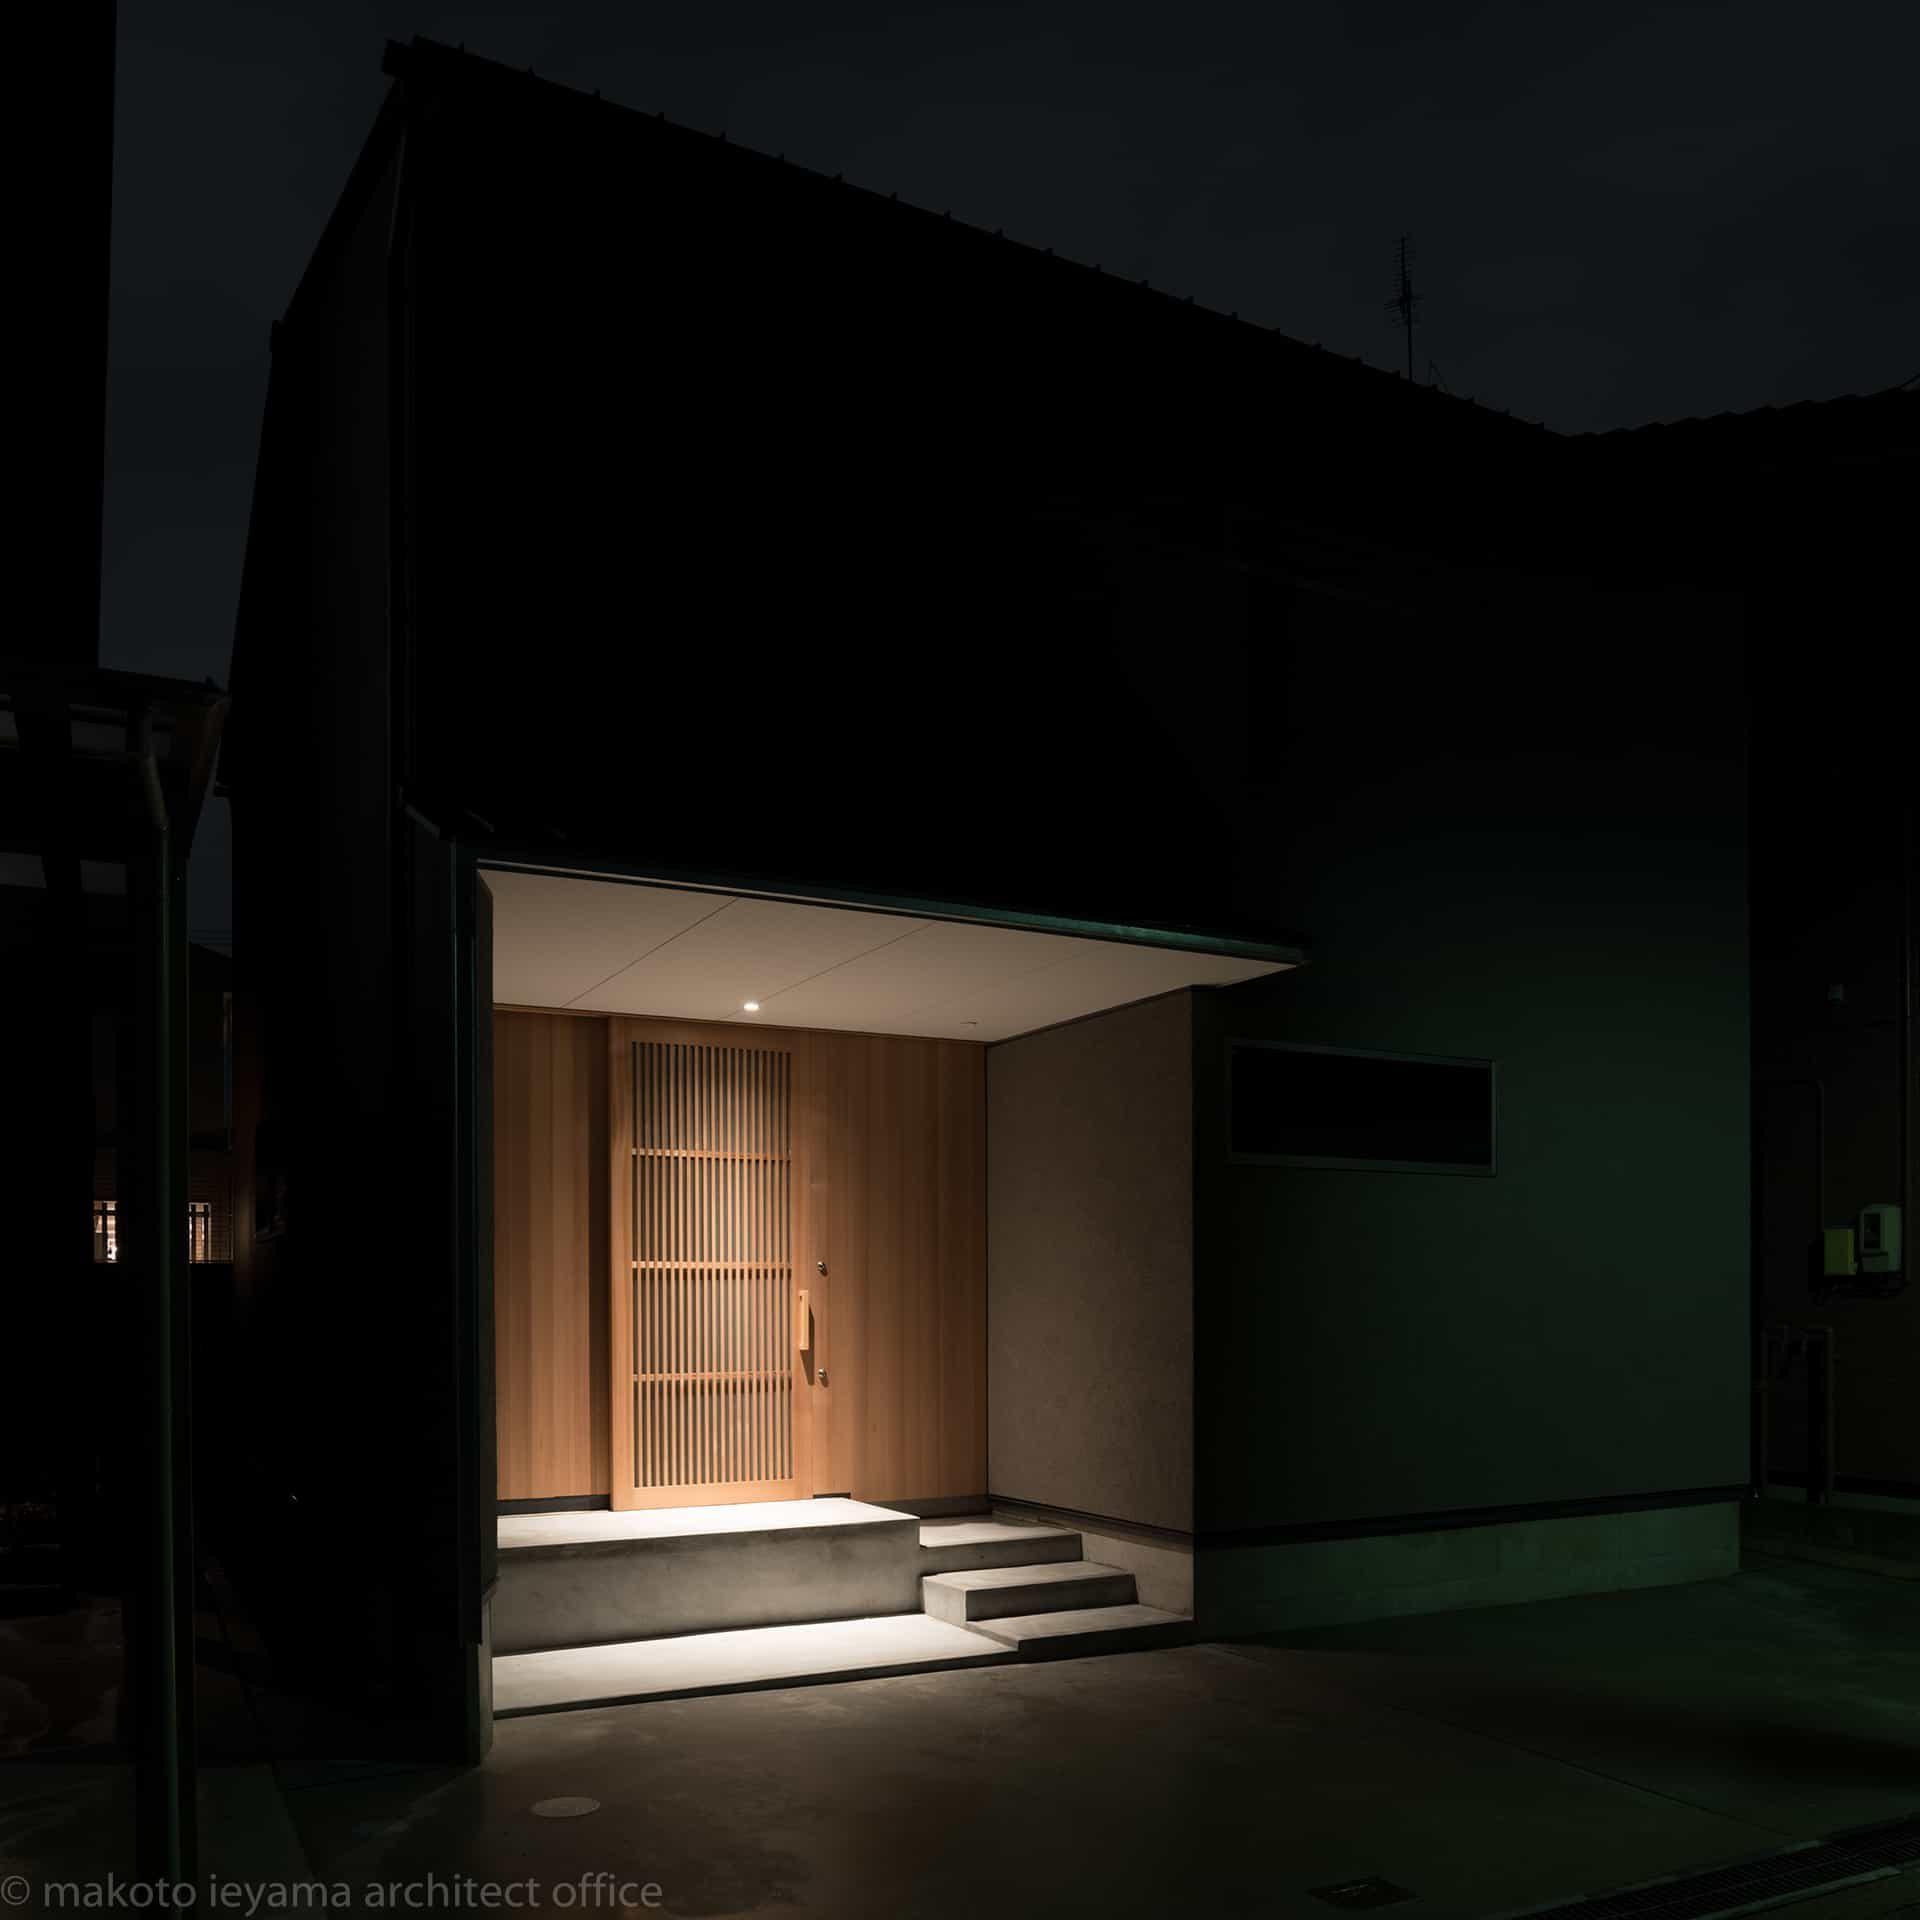 東山の家2 外部照明